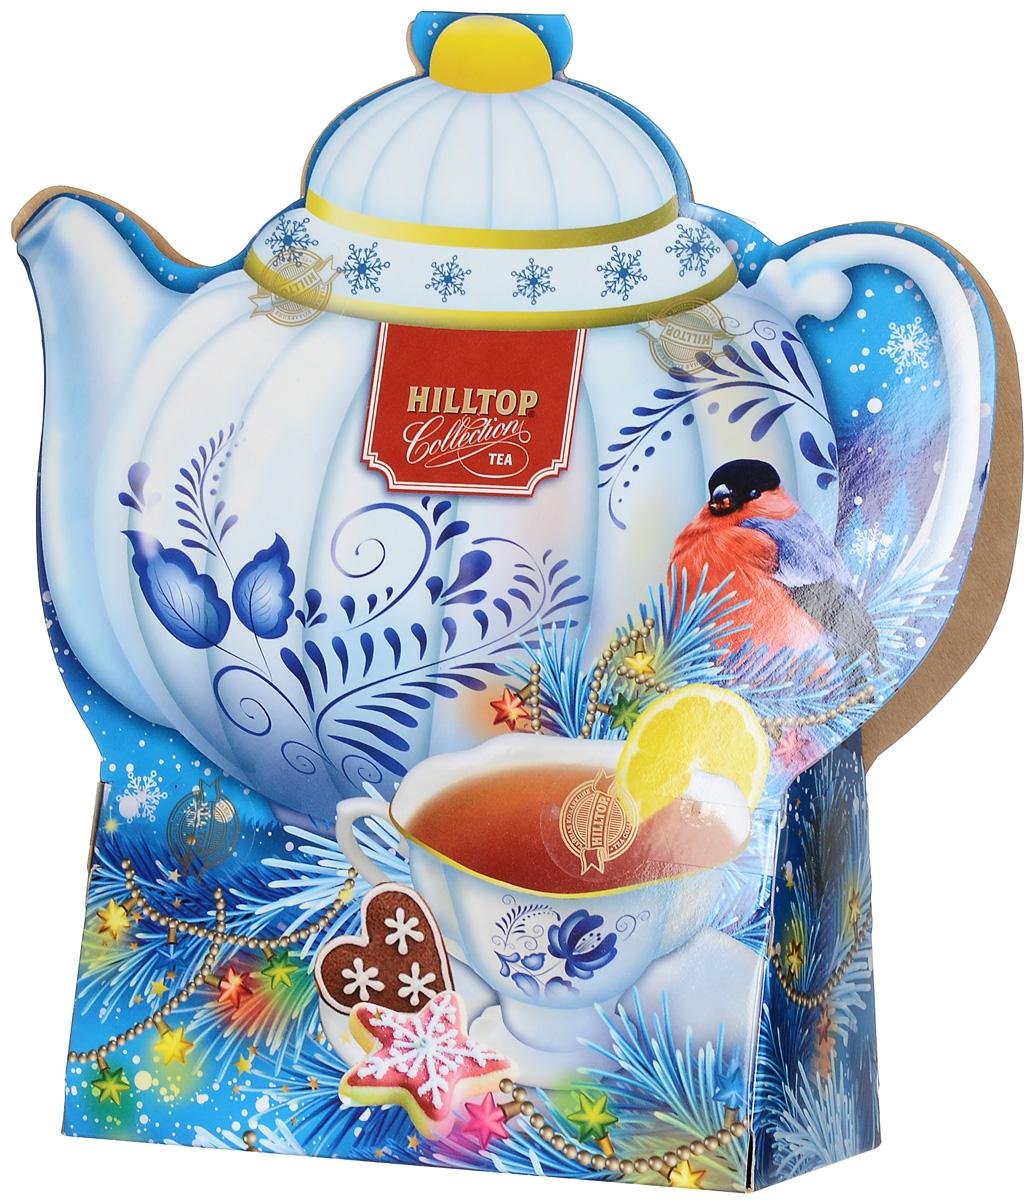 Hilltop Королевское золото черный листовой чай, 80 г (чайник)71082-00Hilltop Королевское золото - крупнолистовой терпкий черный чай стандарта Супер Пеко с лучших плантаций острова Цейлон. Чай упакован в яркую картонную упаковку в виде чайника с новогодним оформлением, которая наверняка украсит зимнее чаепитие в кругу близких!